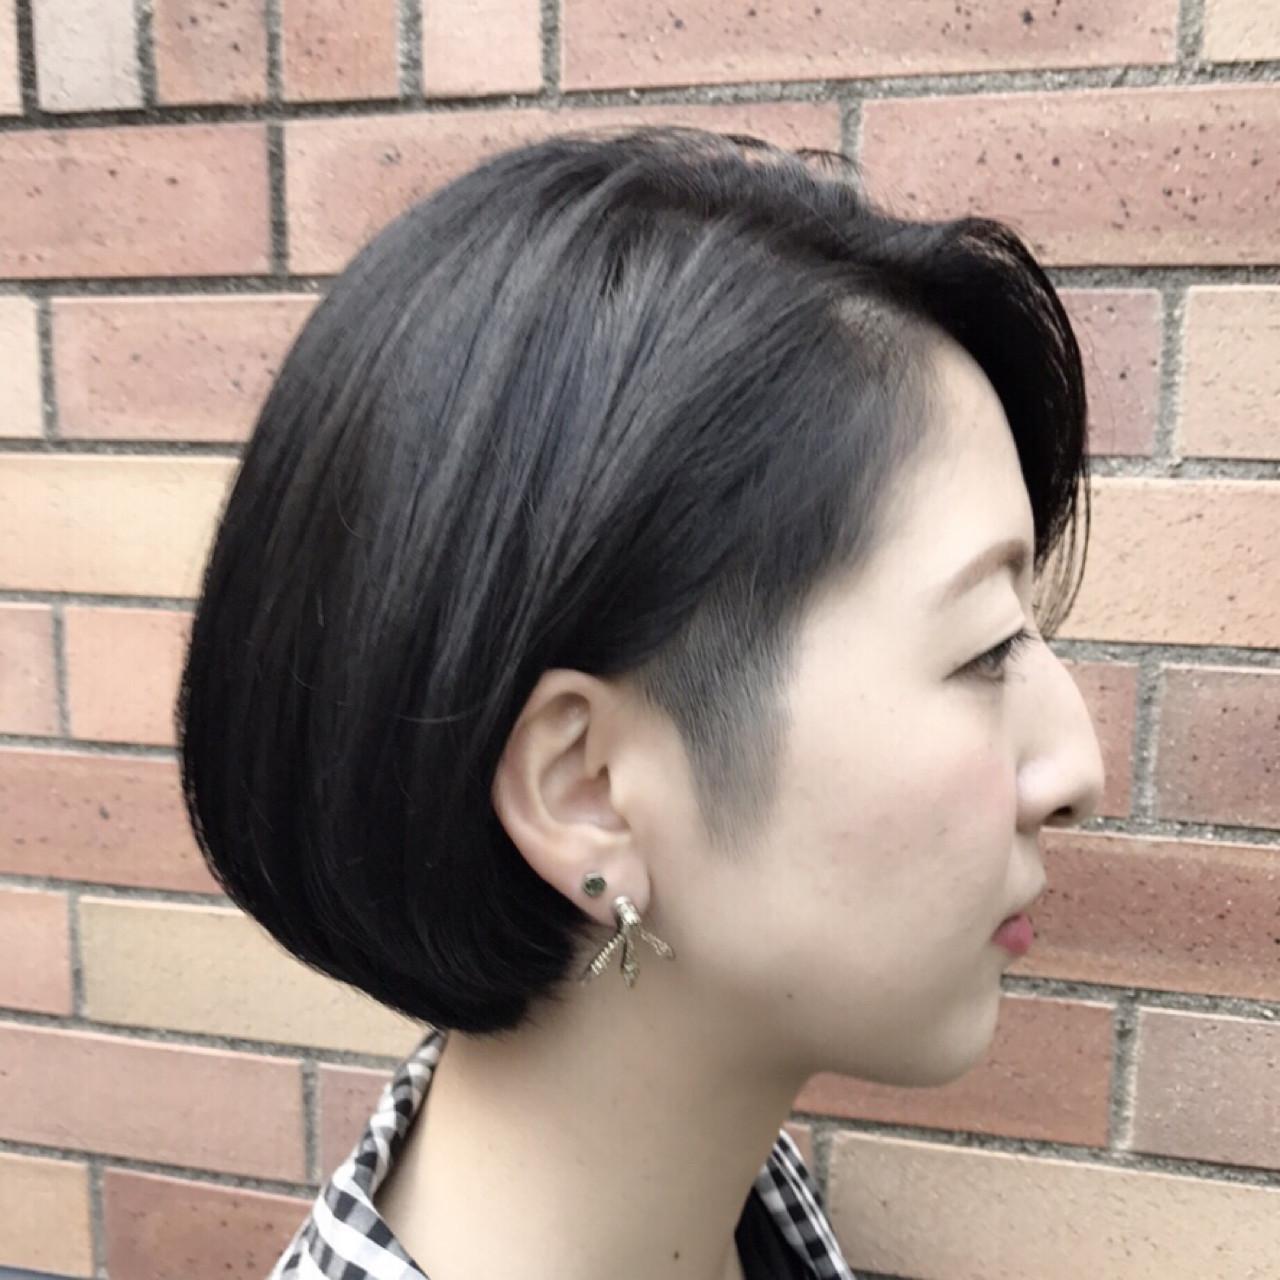 刈り上げ 大人女子 ショート ブルーブラック ヘアスタイルや髪型の写真・画像   Teppei / freelance